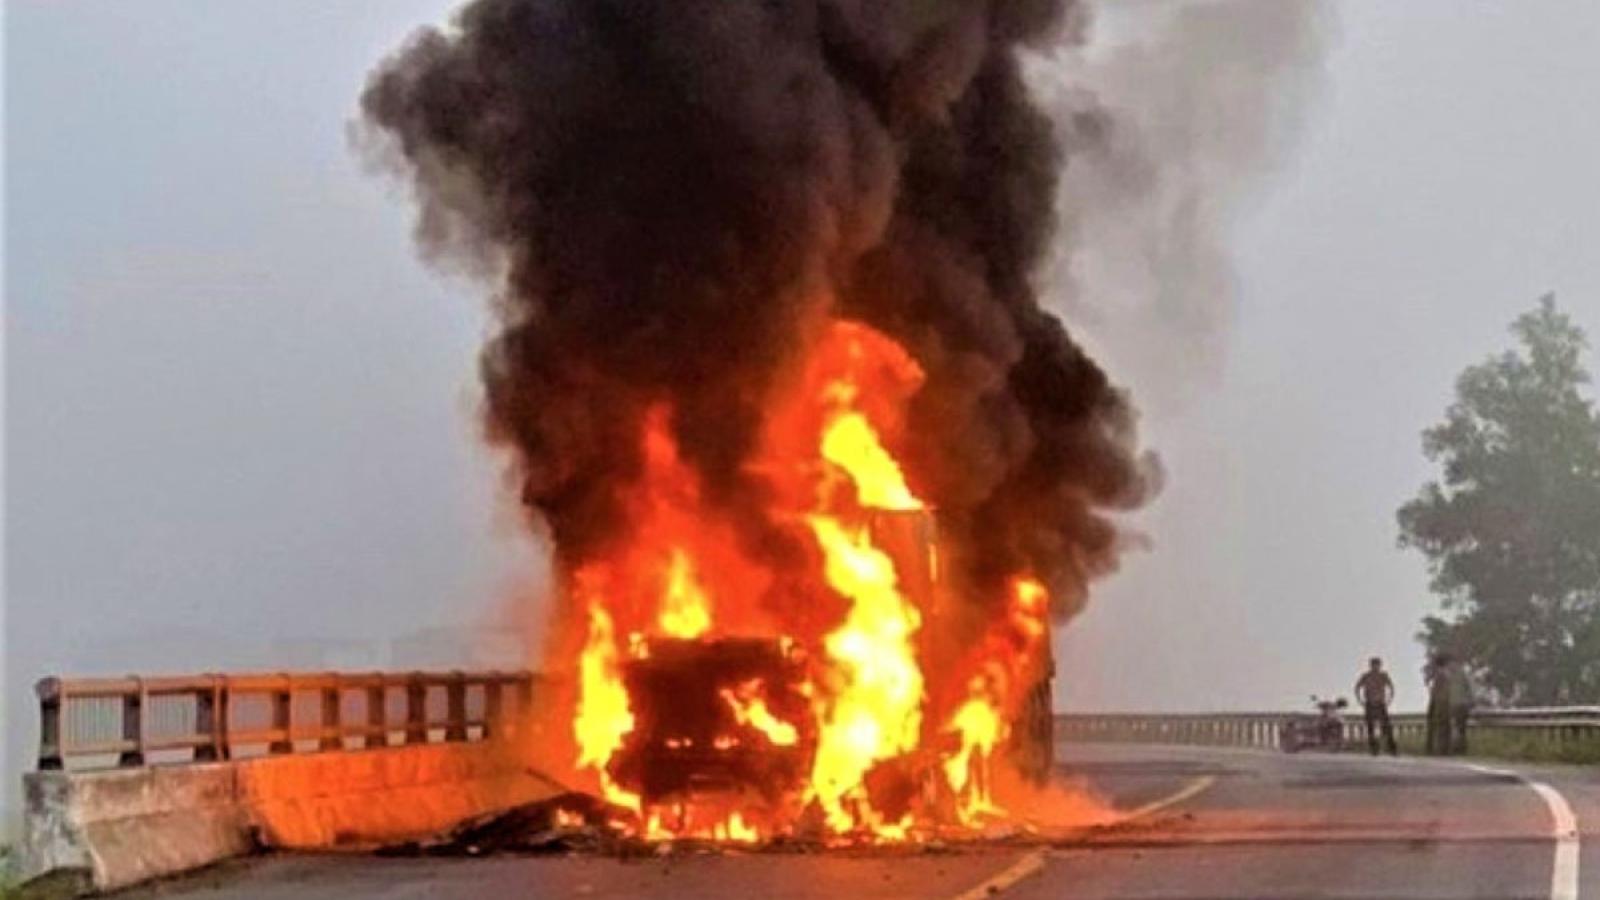 Xe container cháy rụi phần đầu khi đang lưu thông trên đường